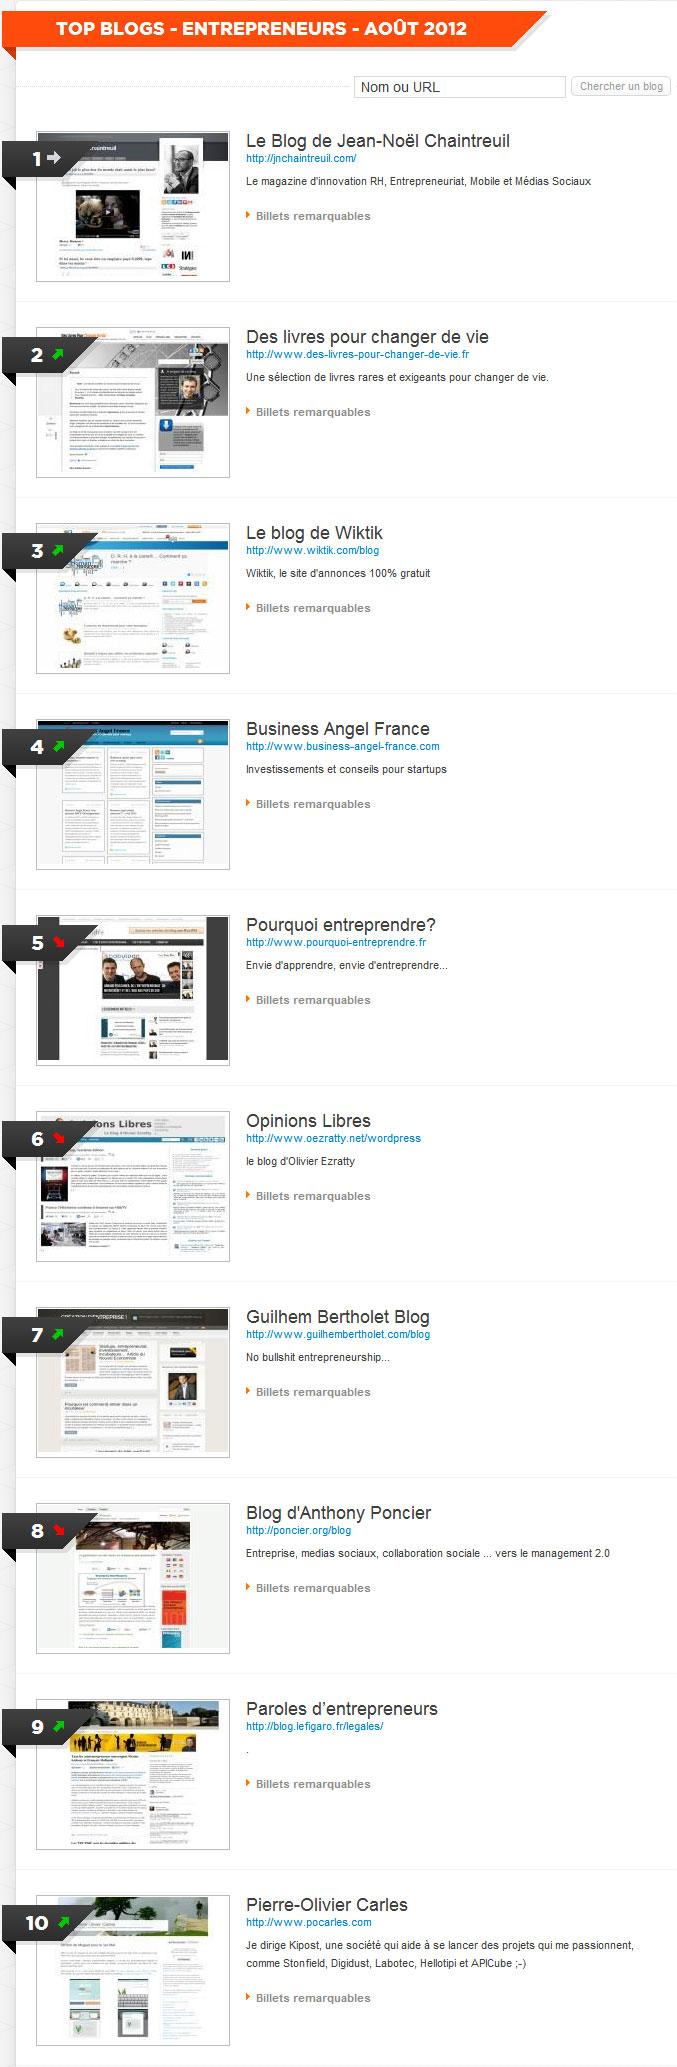 Les 10 meilleurs blogs dans le domaine de l'entrepreneuriat